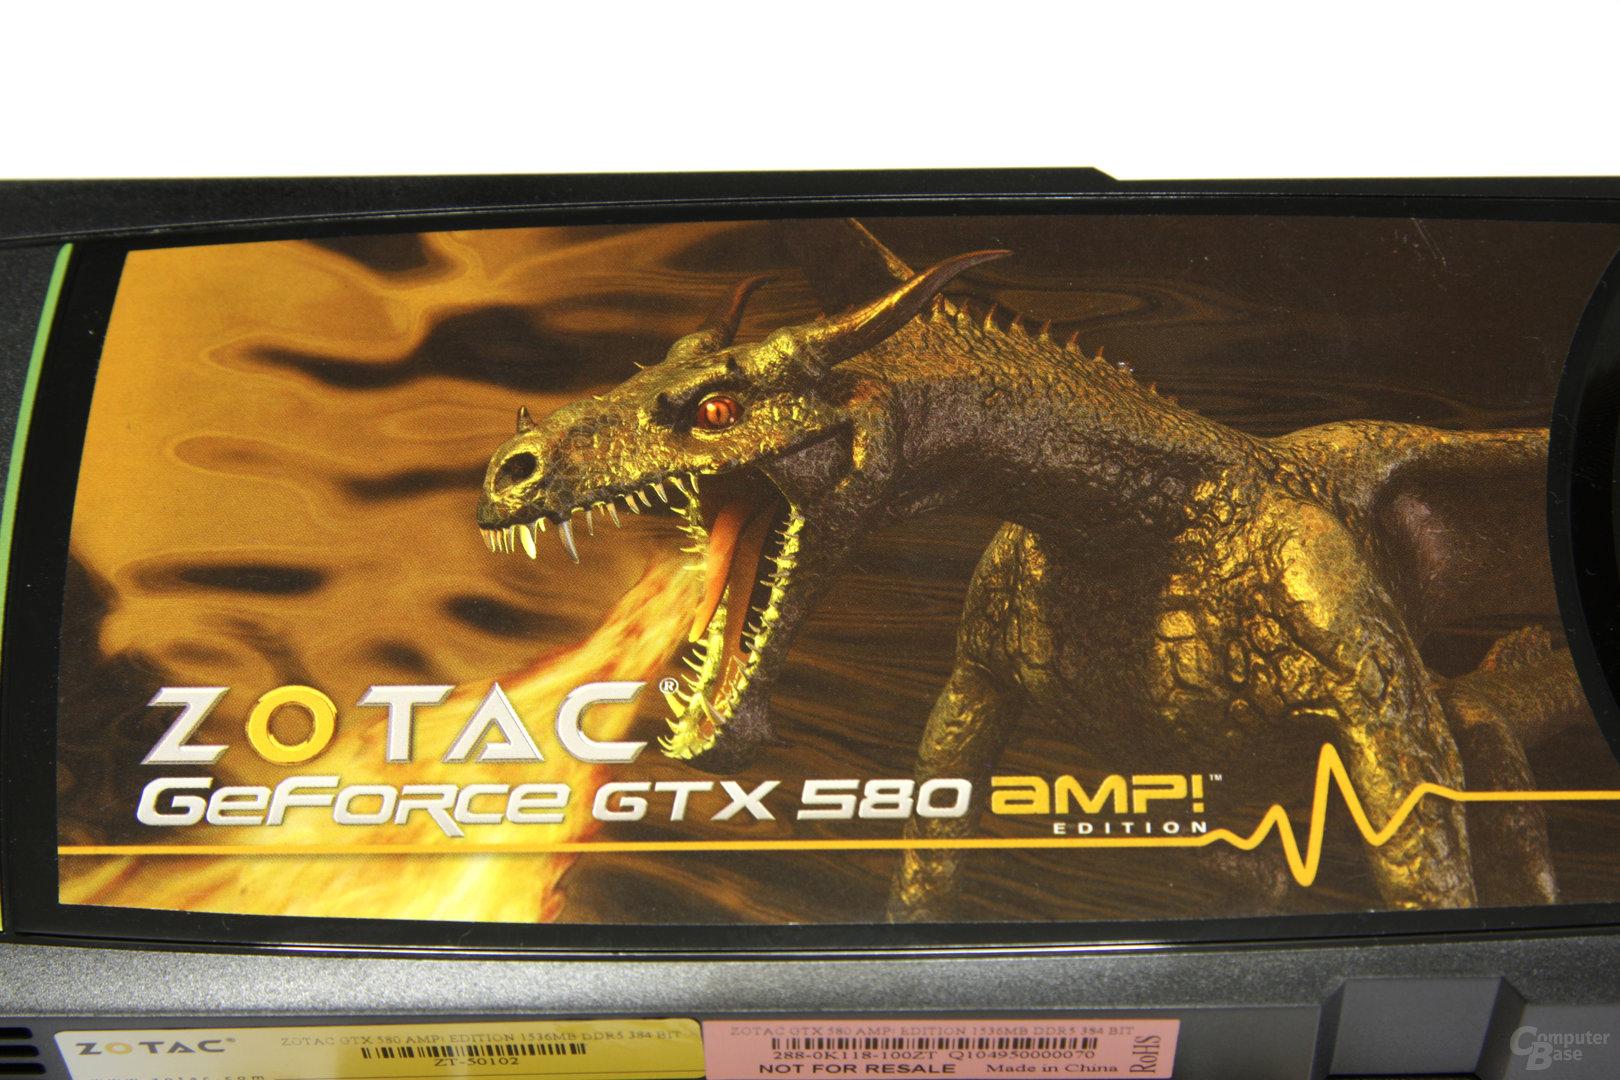 GeForce GTX 580 AMP! Logo